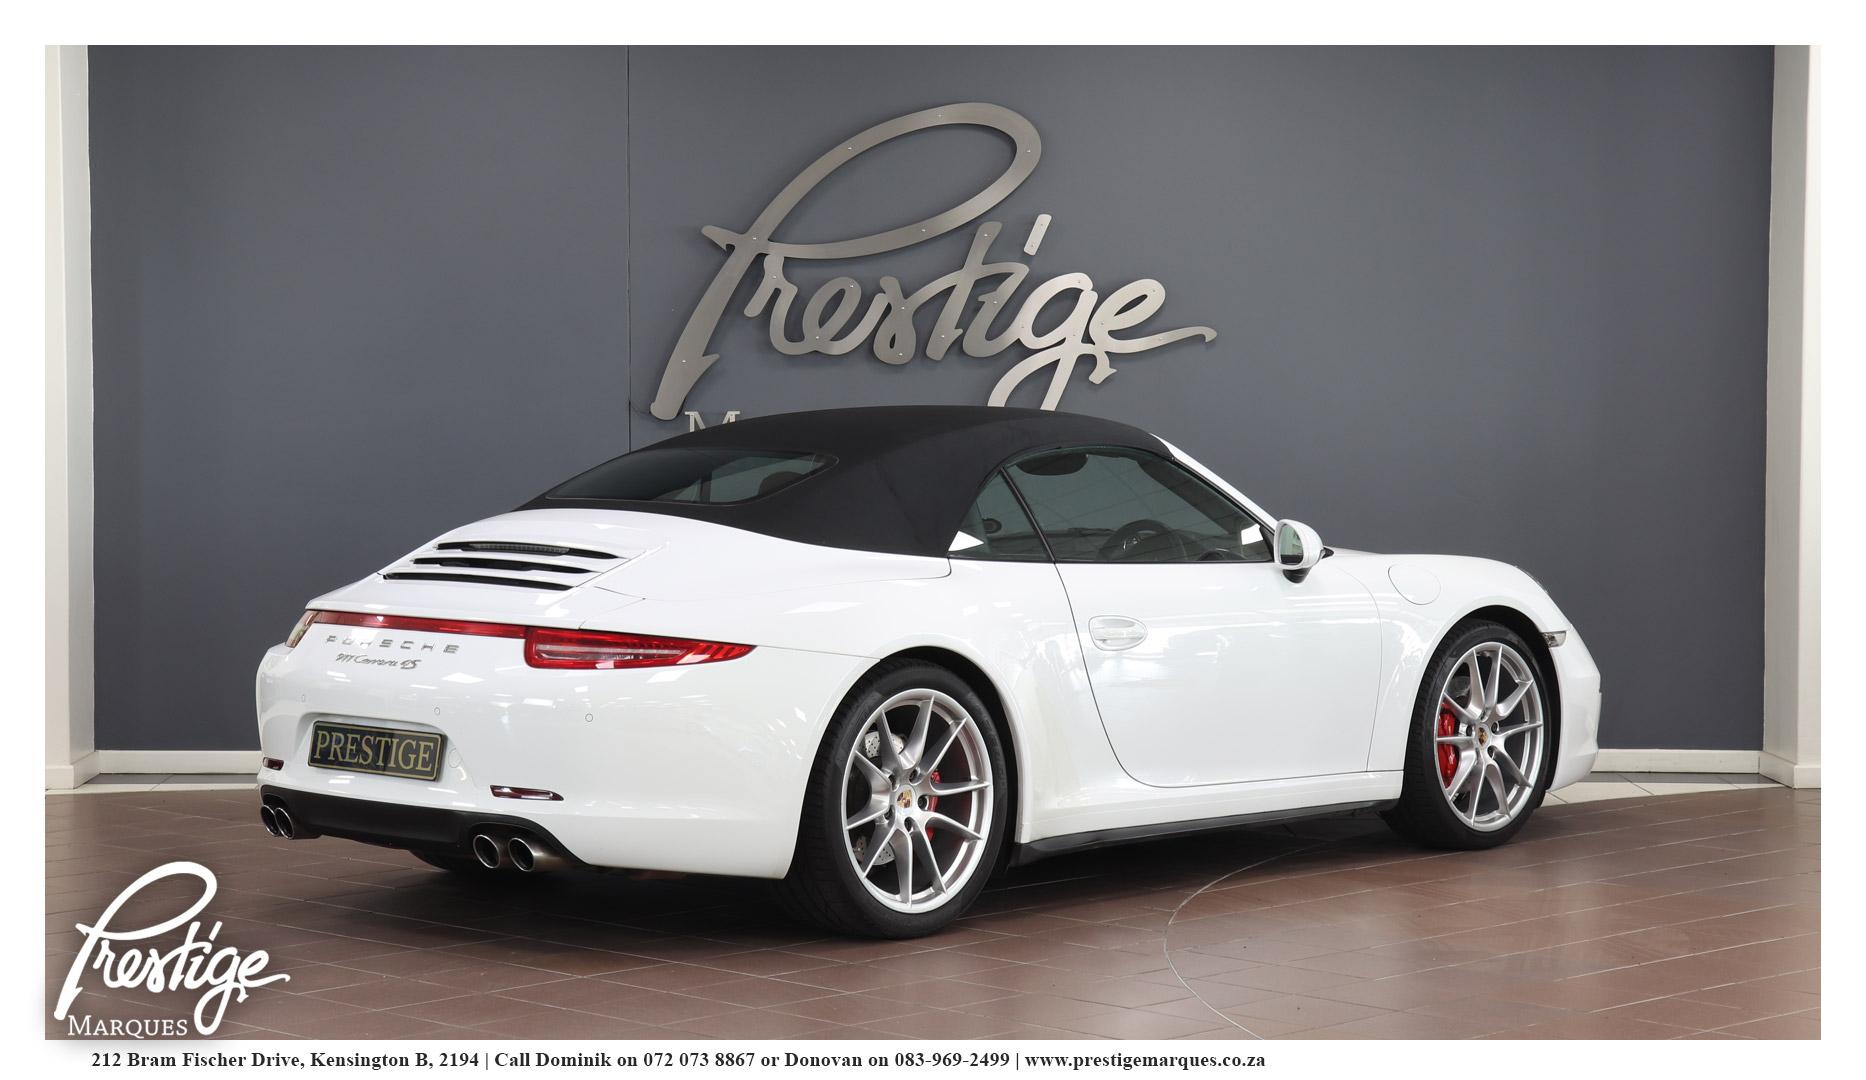 2013-Porsche-911-991-Carrera-4s-PDK-Cabriolet-Prestige-Marques-Randburg-Sandton-6